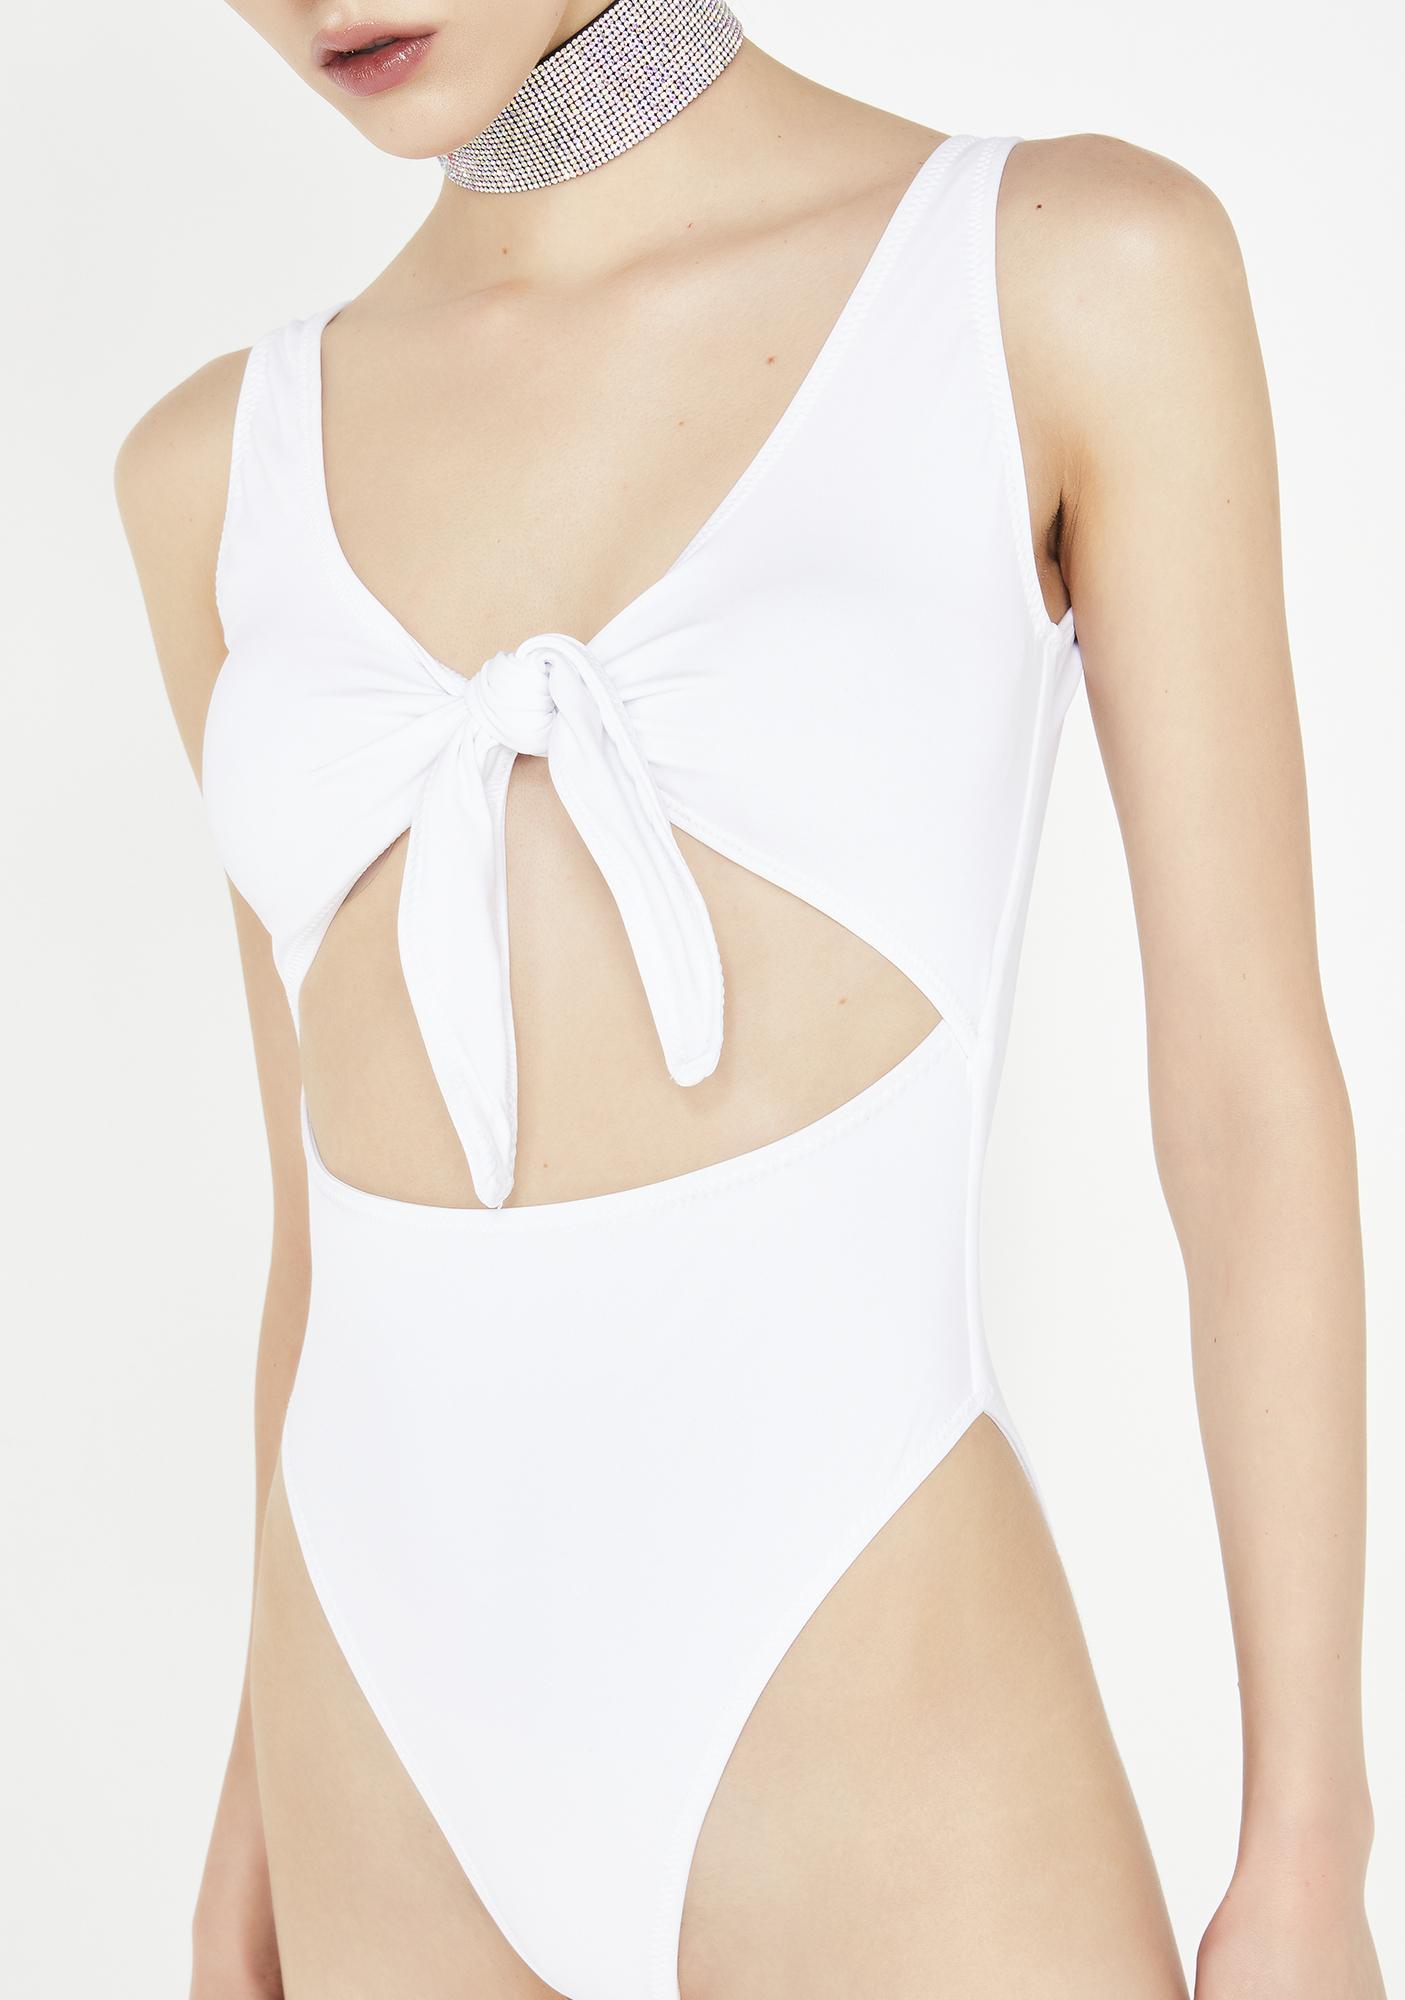 Kiki Riki Romance Tyrant Cut Out Bodysuit